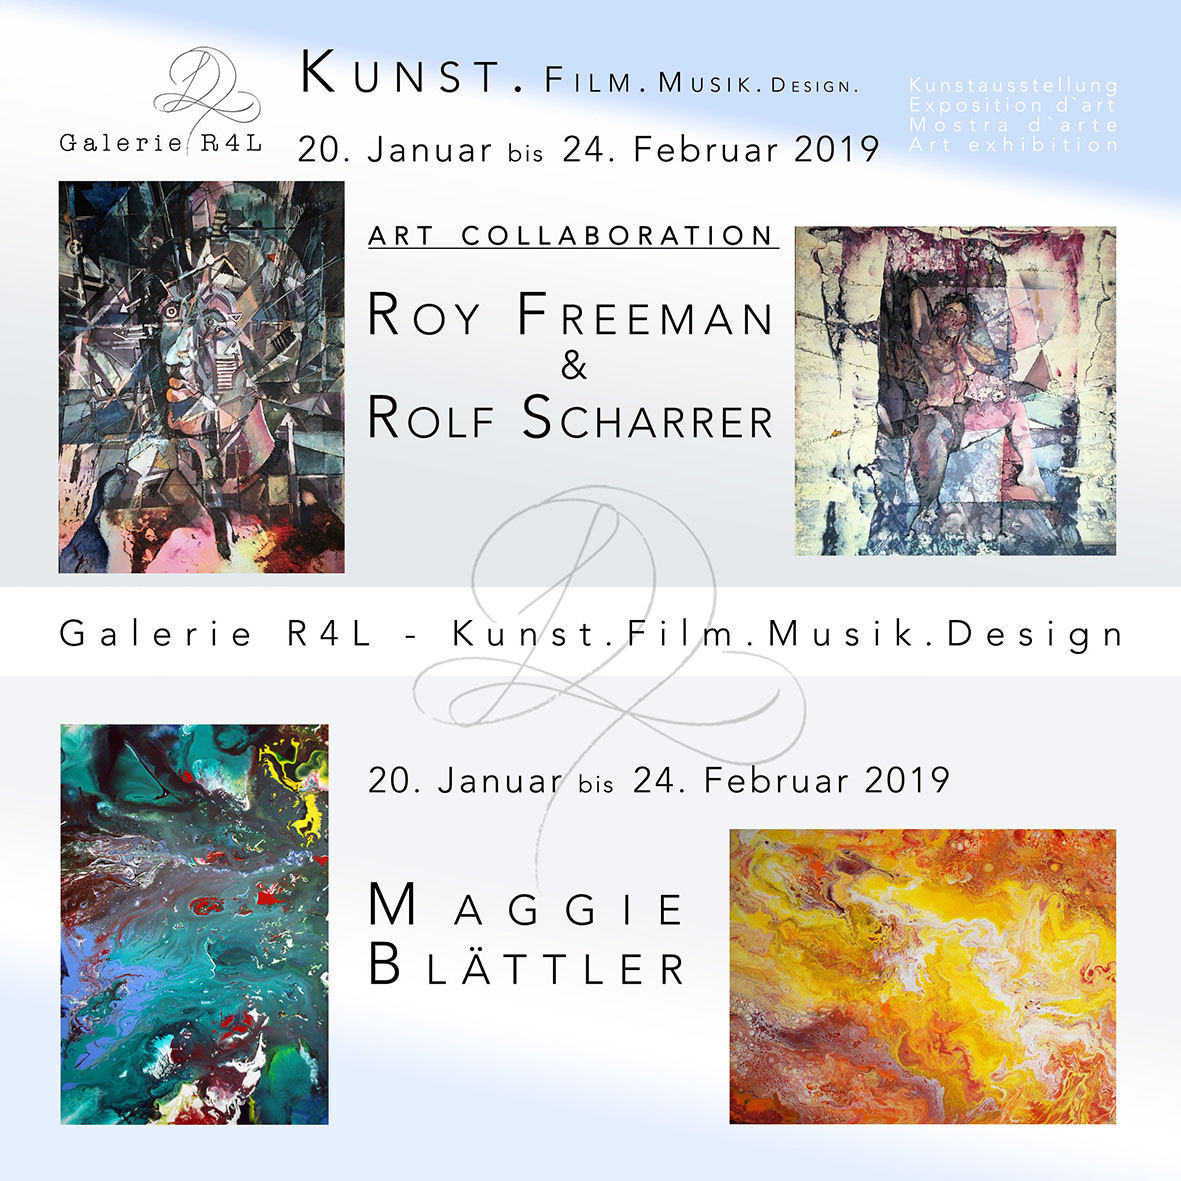 Kunstausstellung Roy Freeman & Rolf Scharrer & Maggie Blaettler